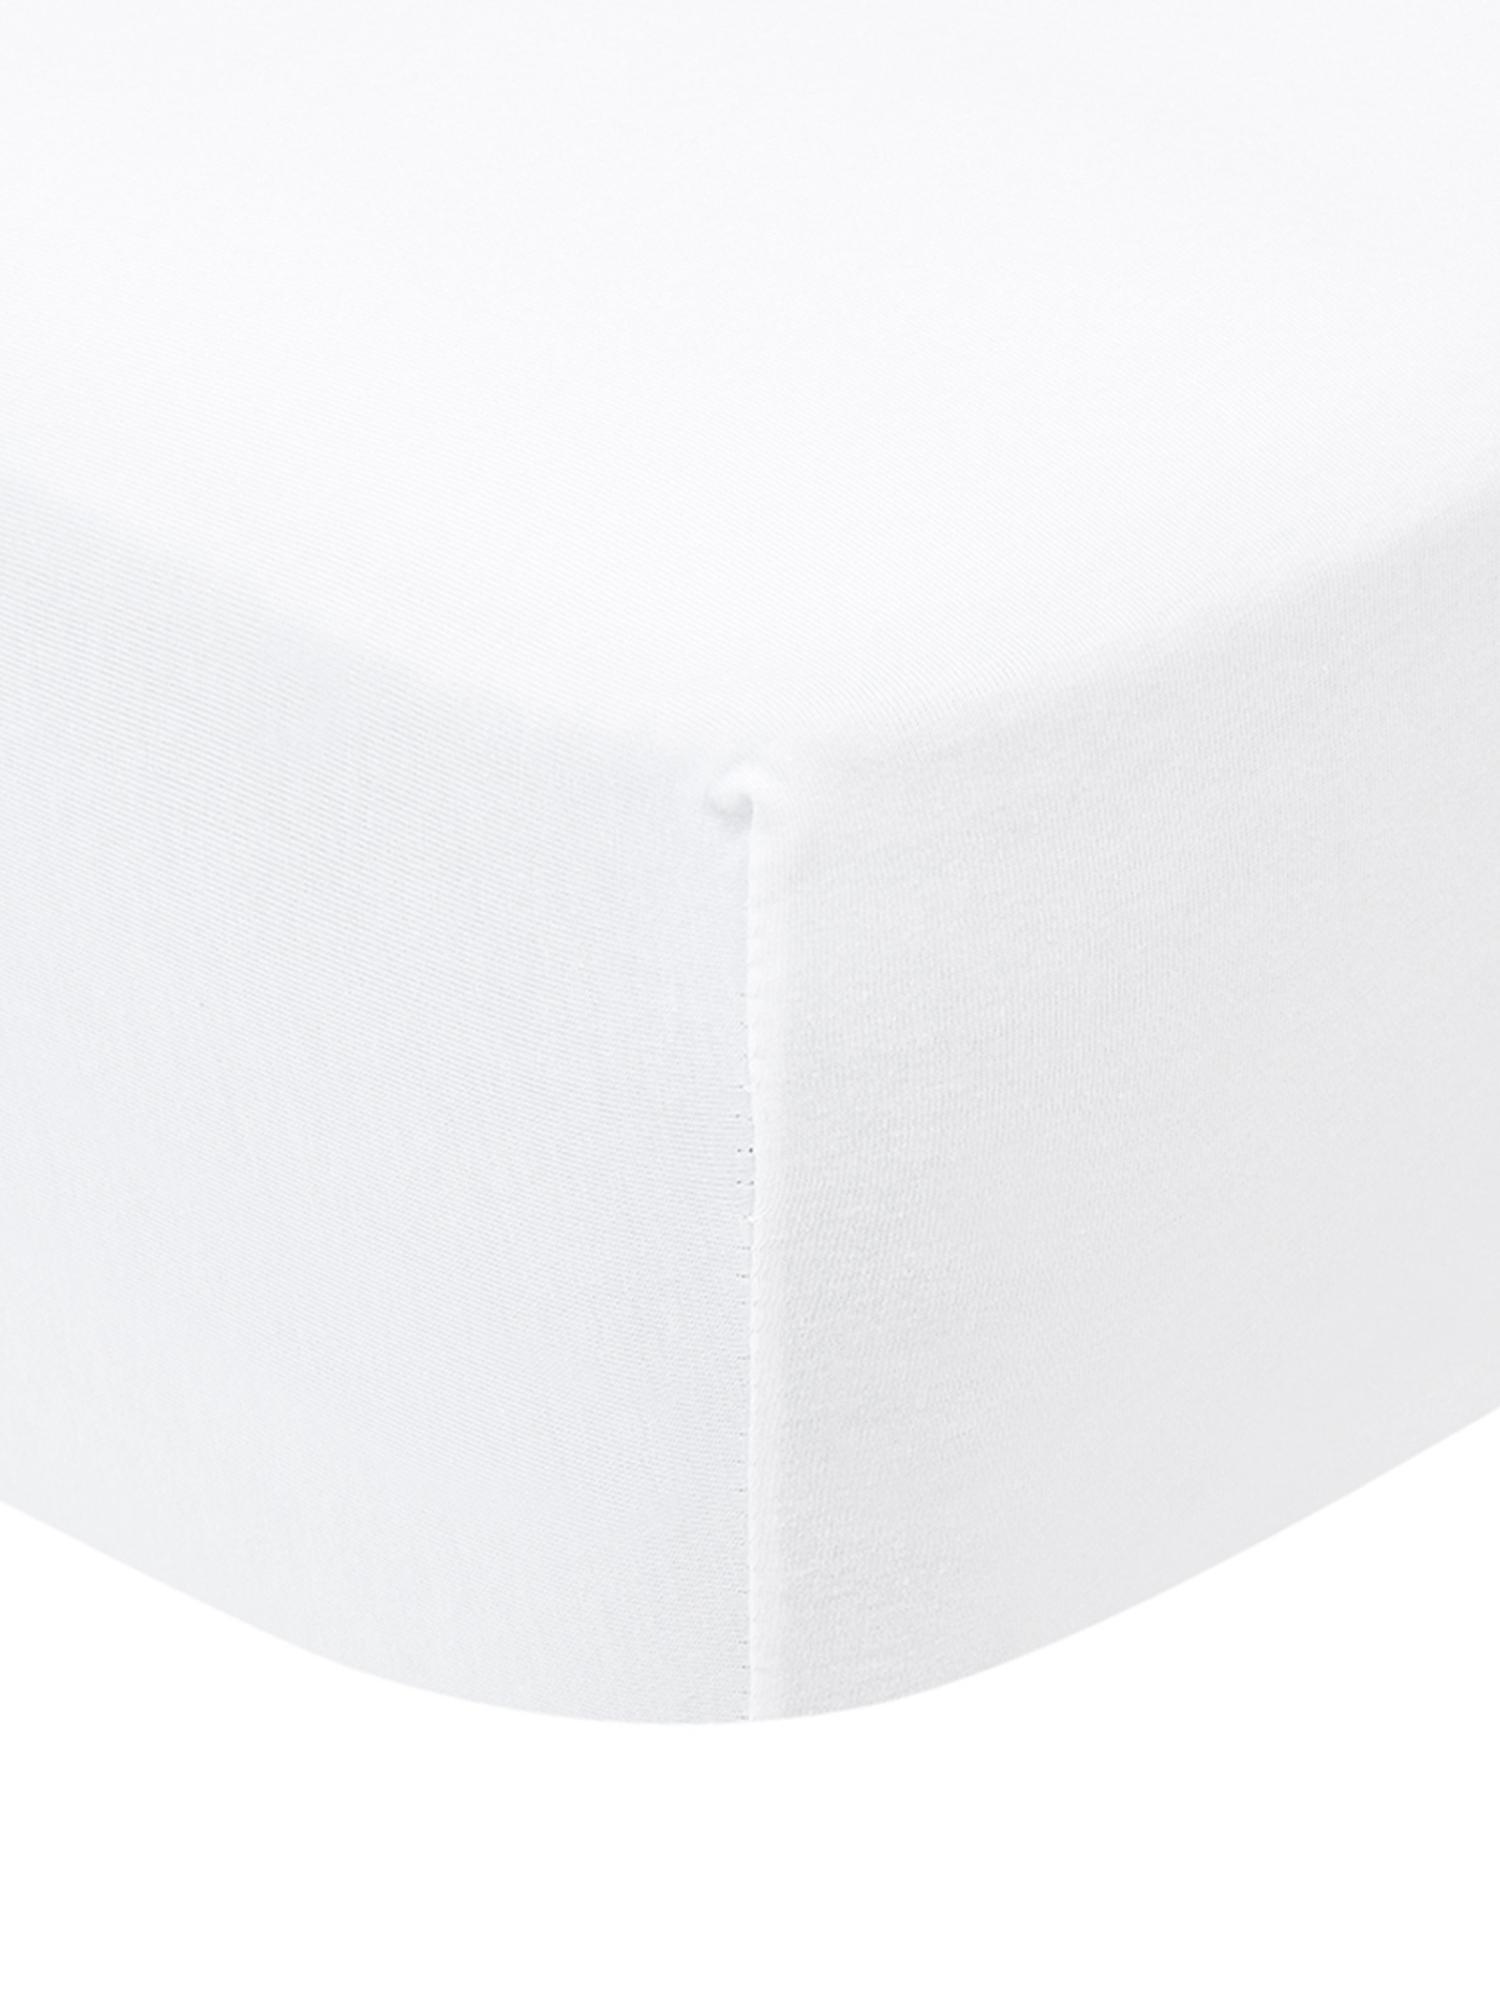 Prześcieradło z gumką na topper z jerseyu Lara, 95% bawełna, 5% elastan, Biały, S 90-100 x D 200 cm